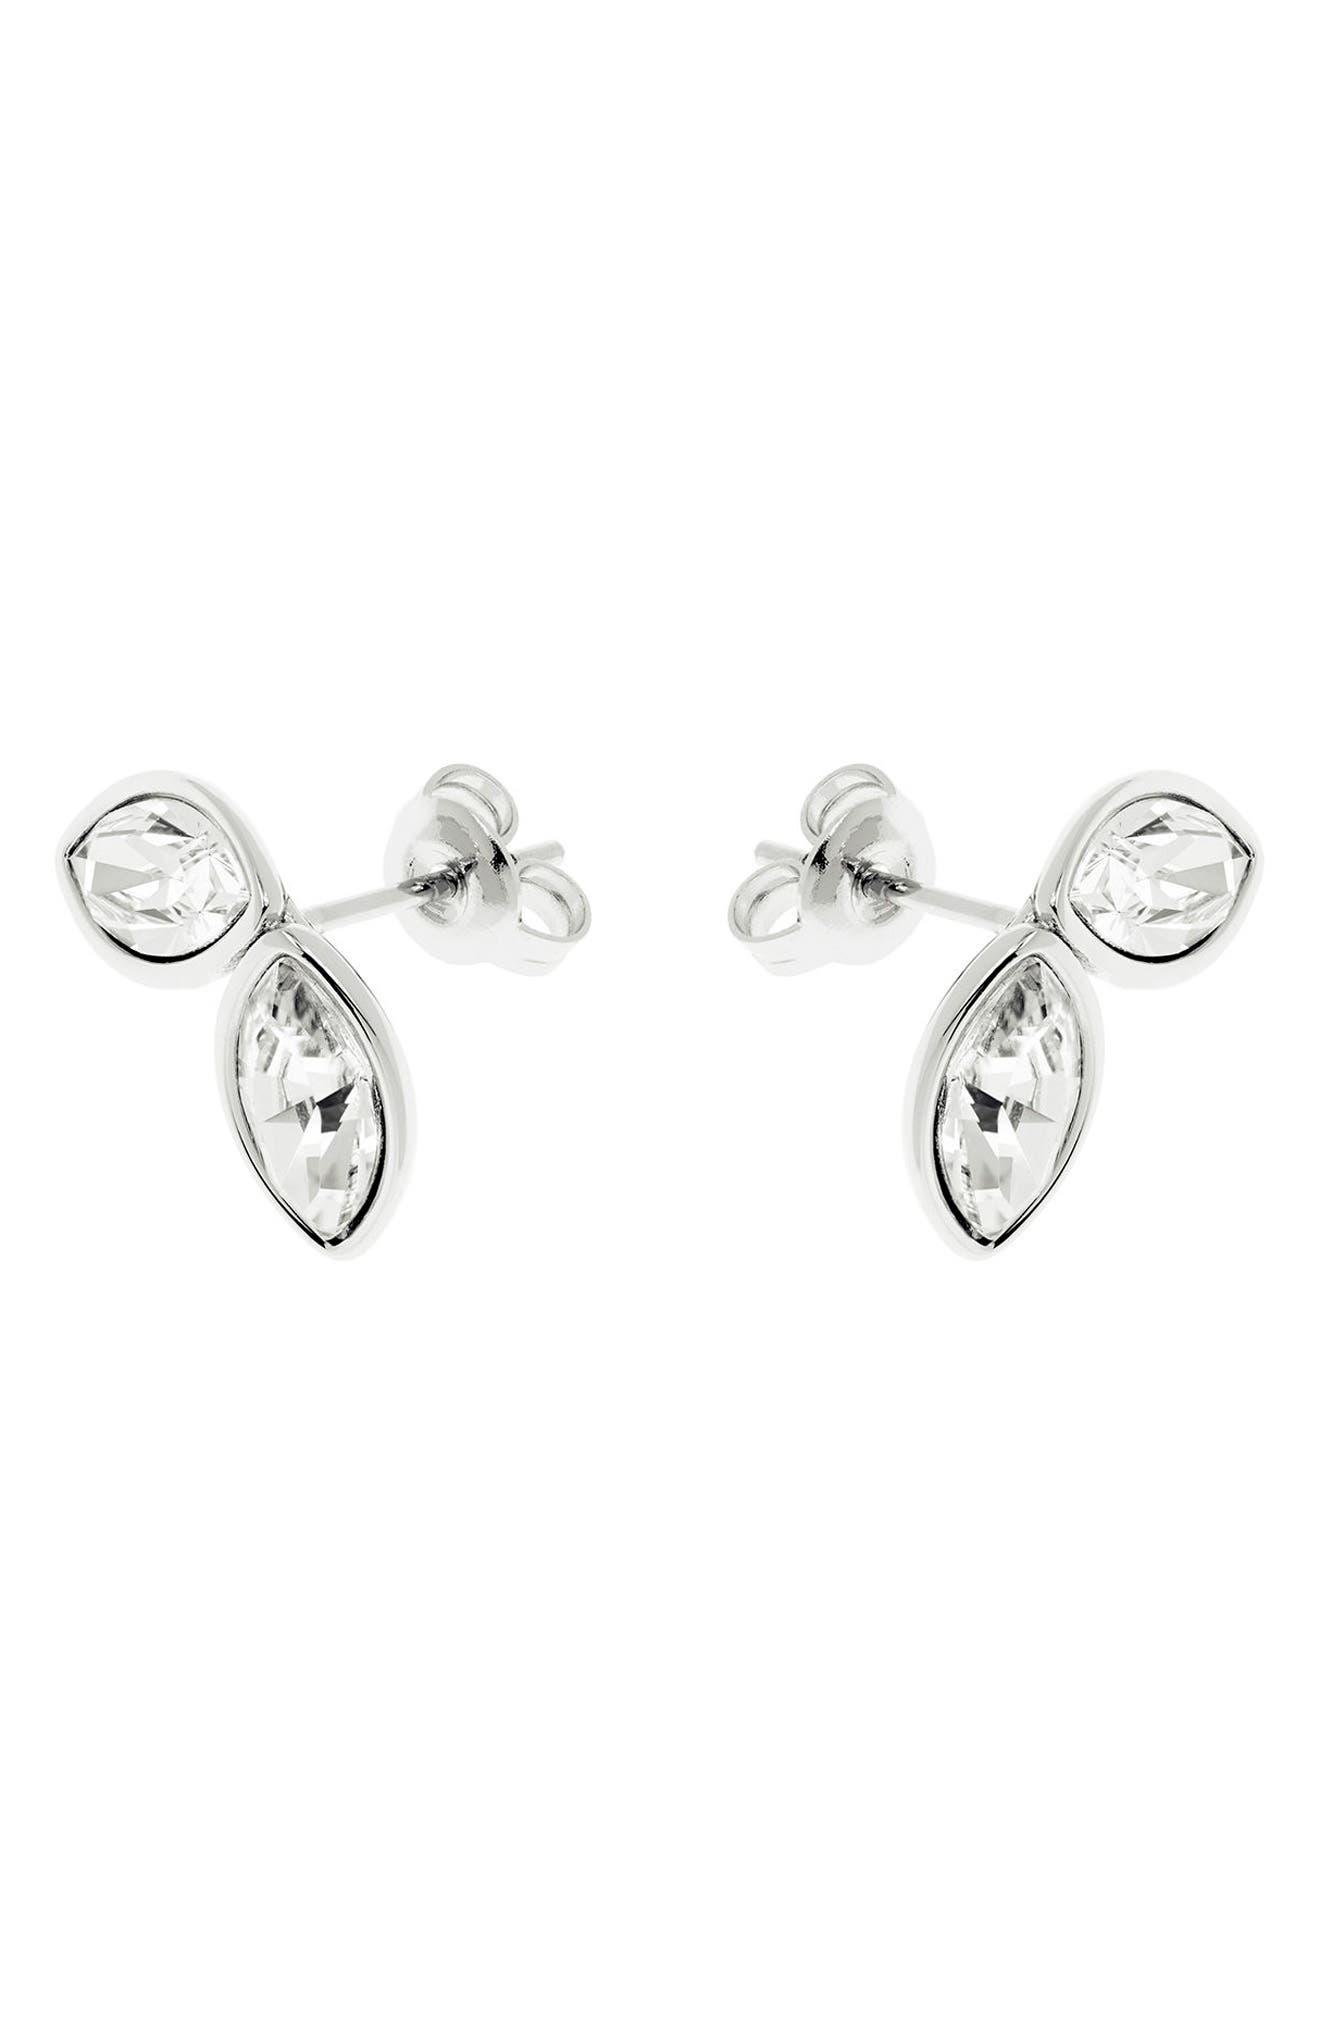 Geometric Bee Stud Earrings,                         Main,                         color, Crystal